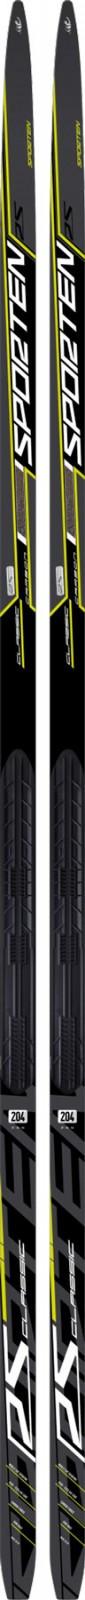 Sporten RS Classic Skin